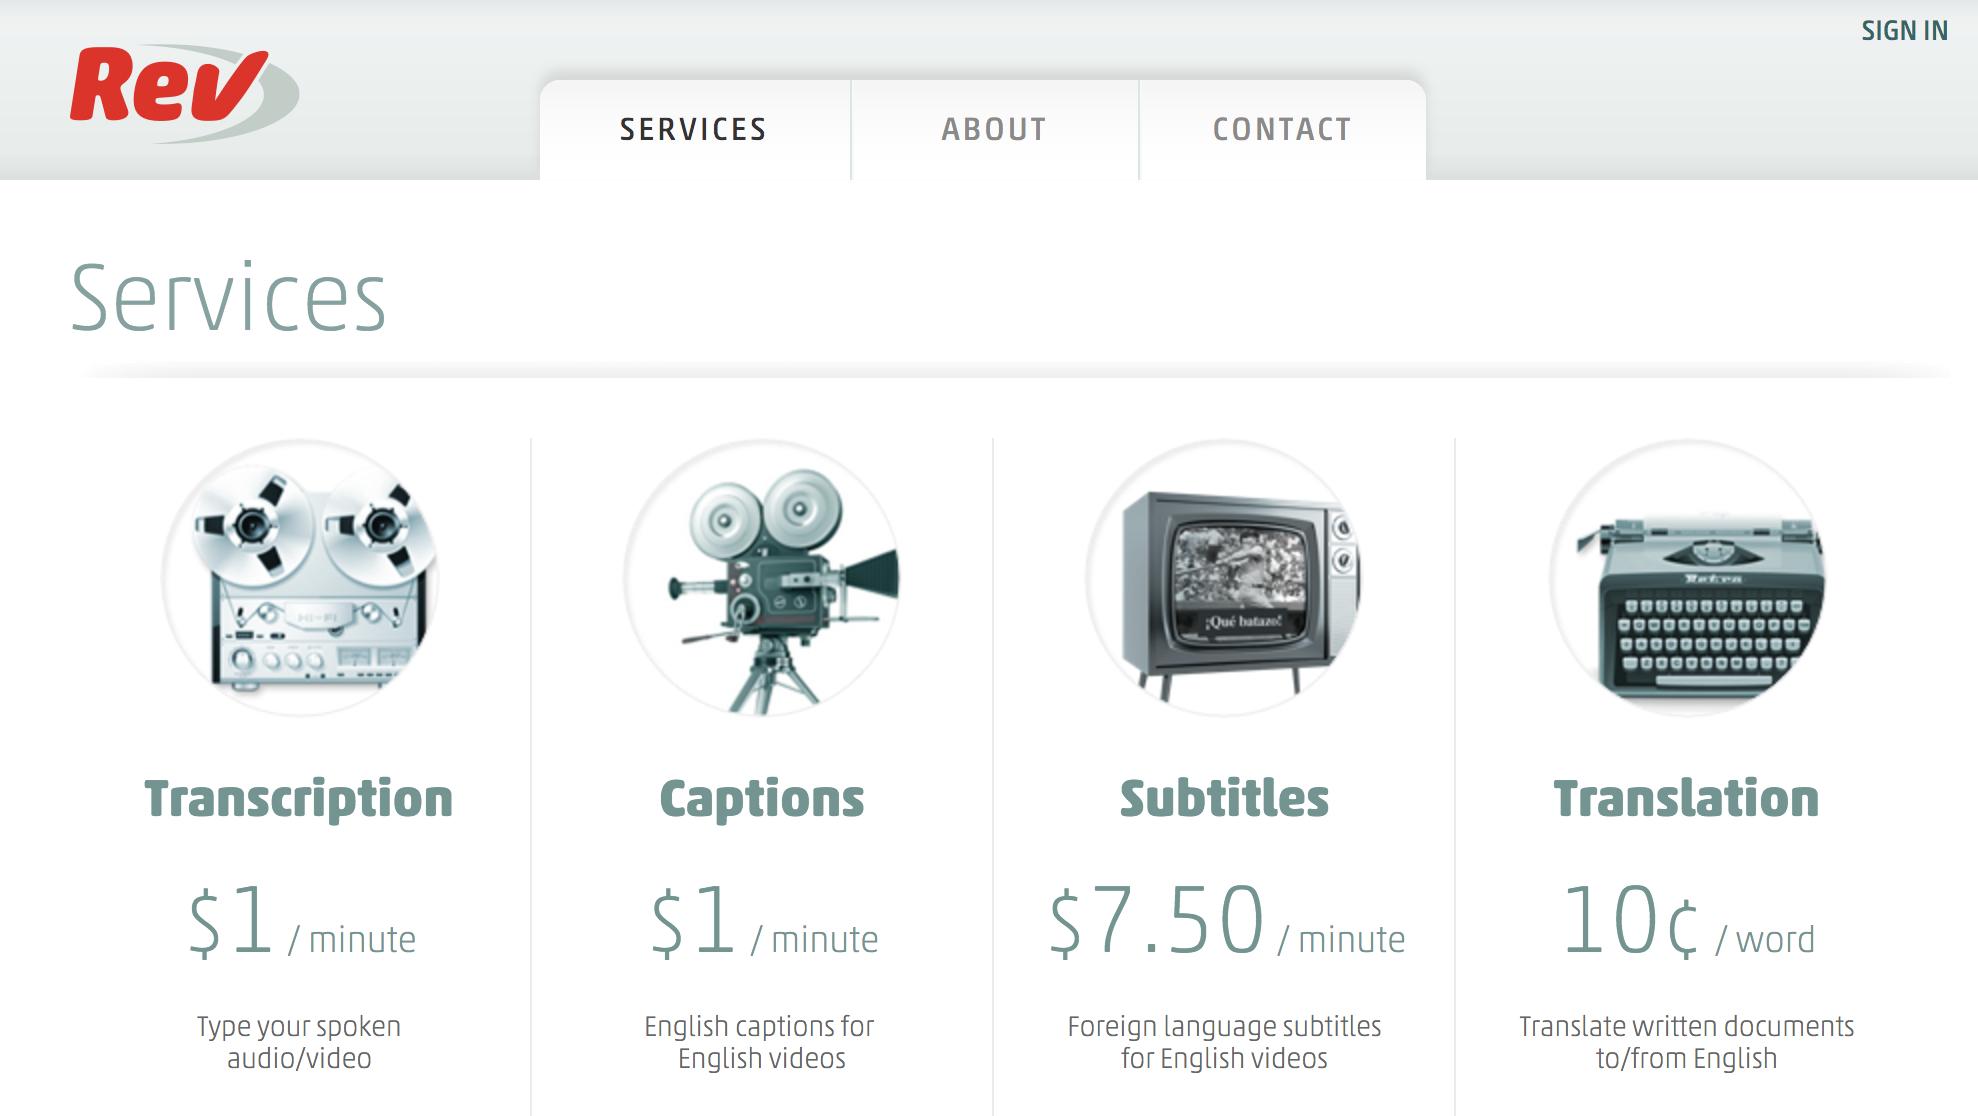 Rev.com Services